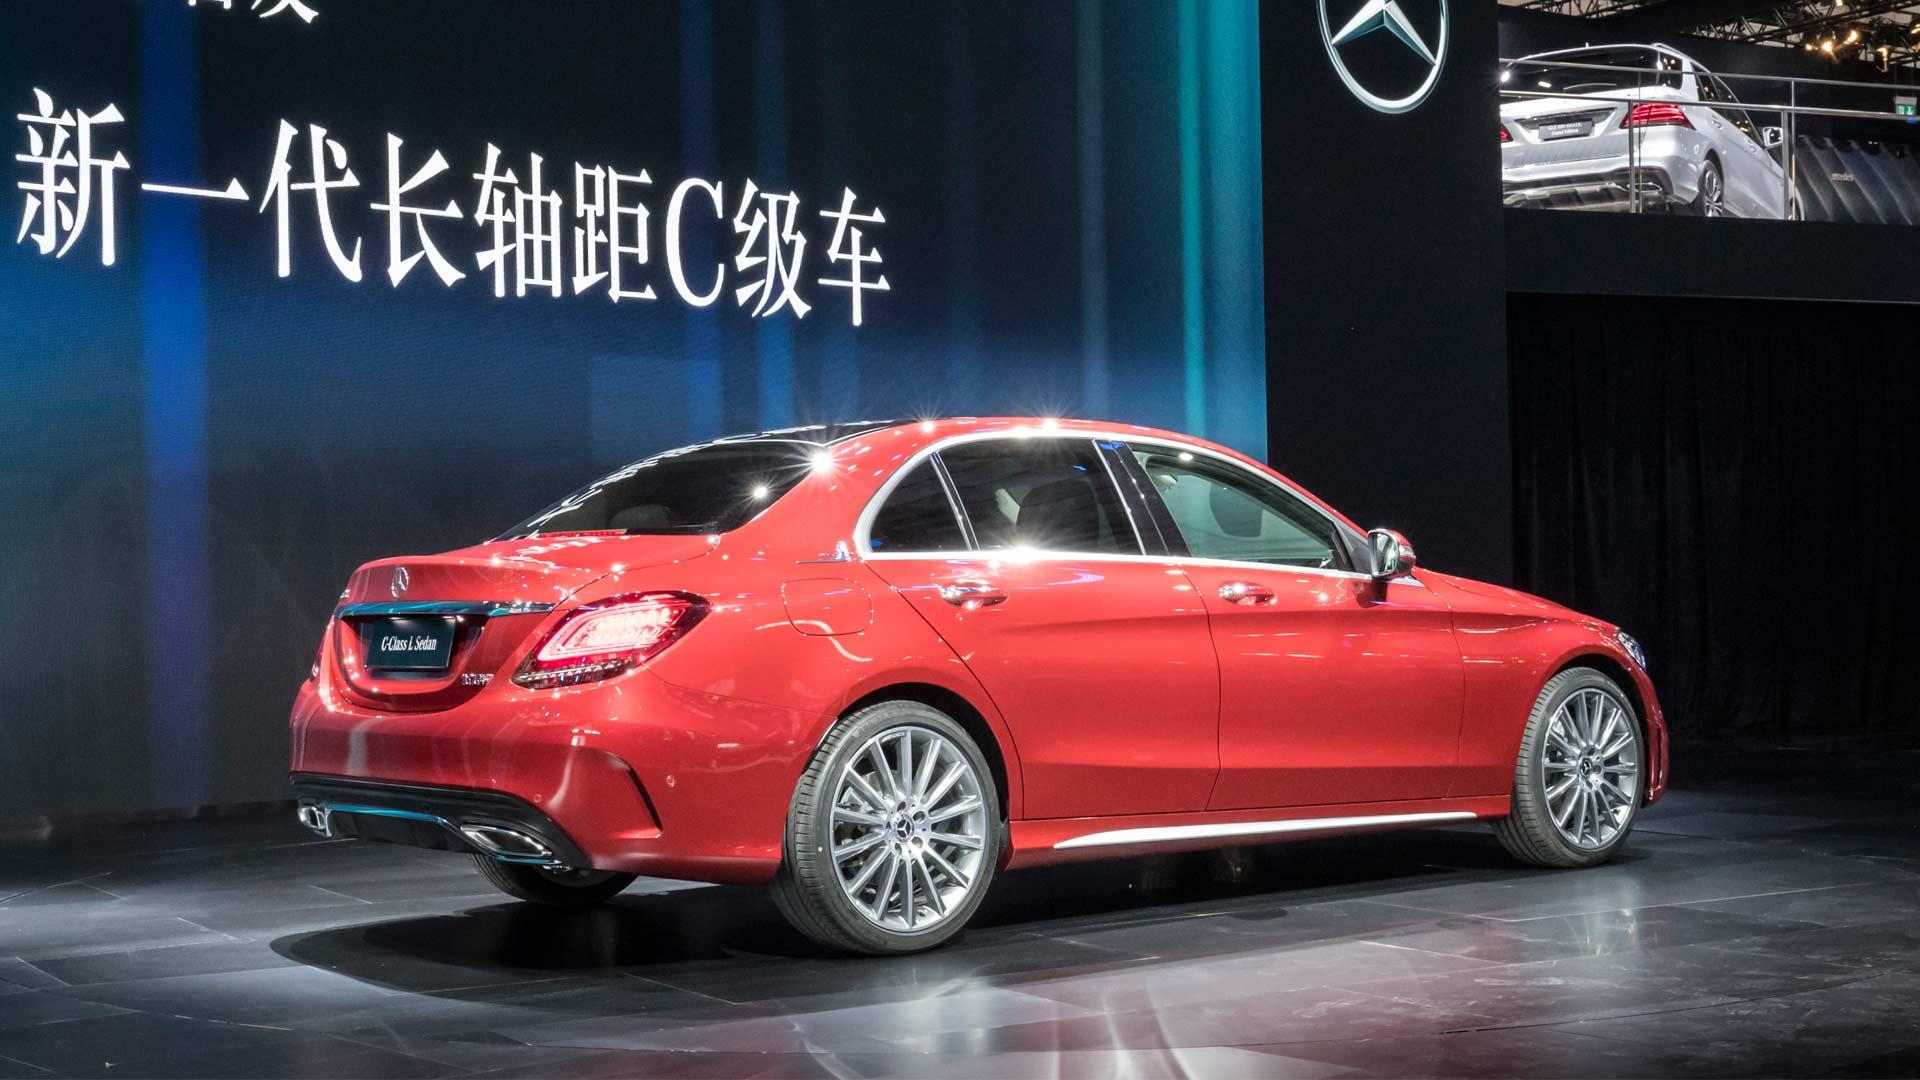 2018-Mercedes-Benz-C-Class-L-Sedan_2